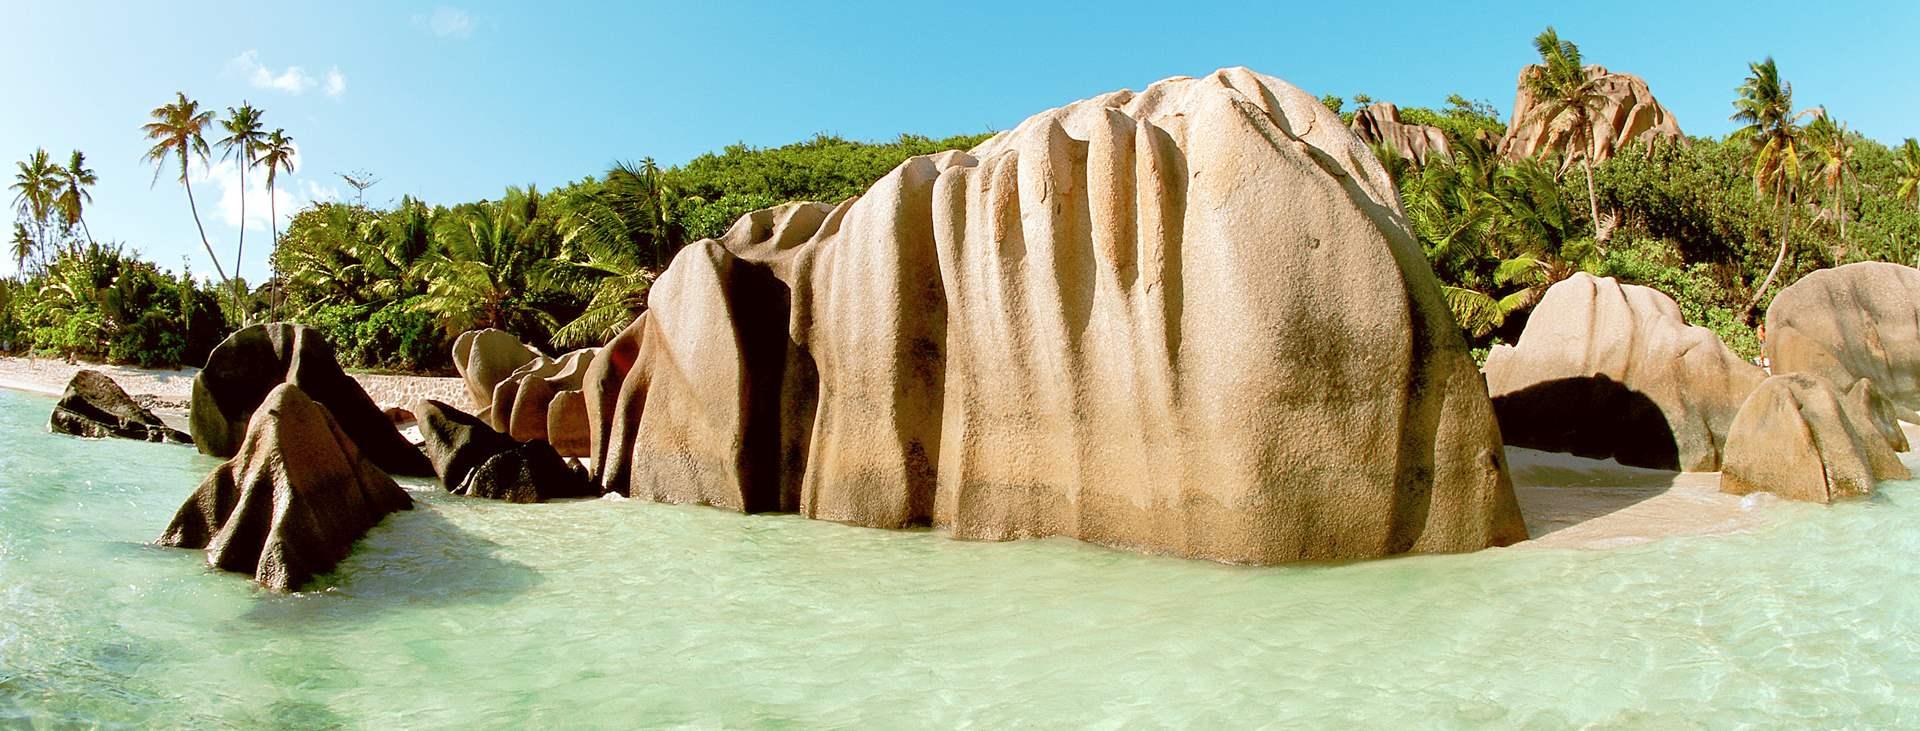 Boka din resa till La Digue i Seychellerna med Ving